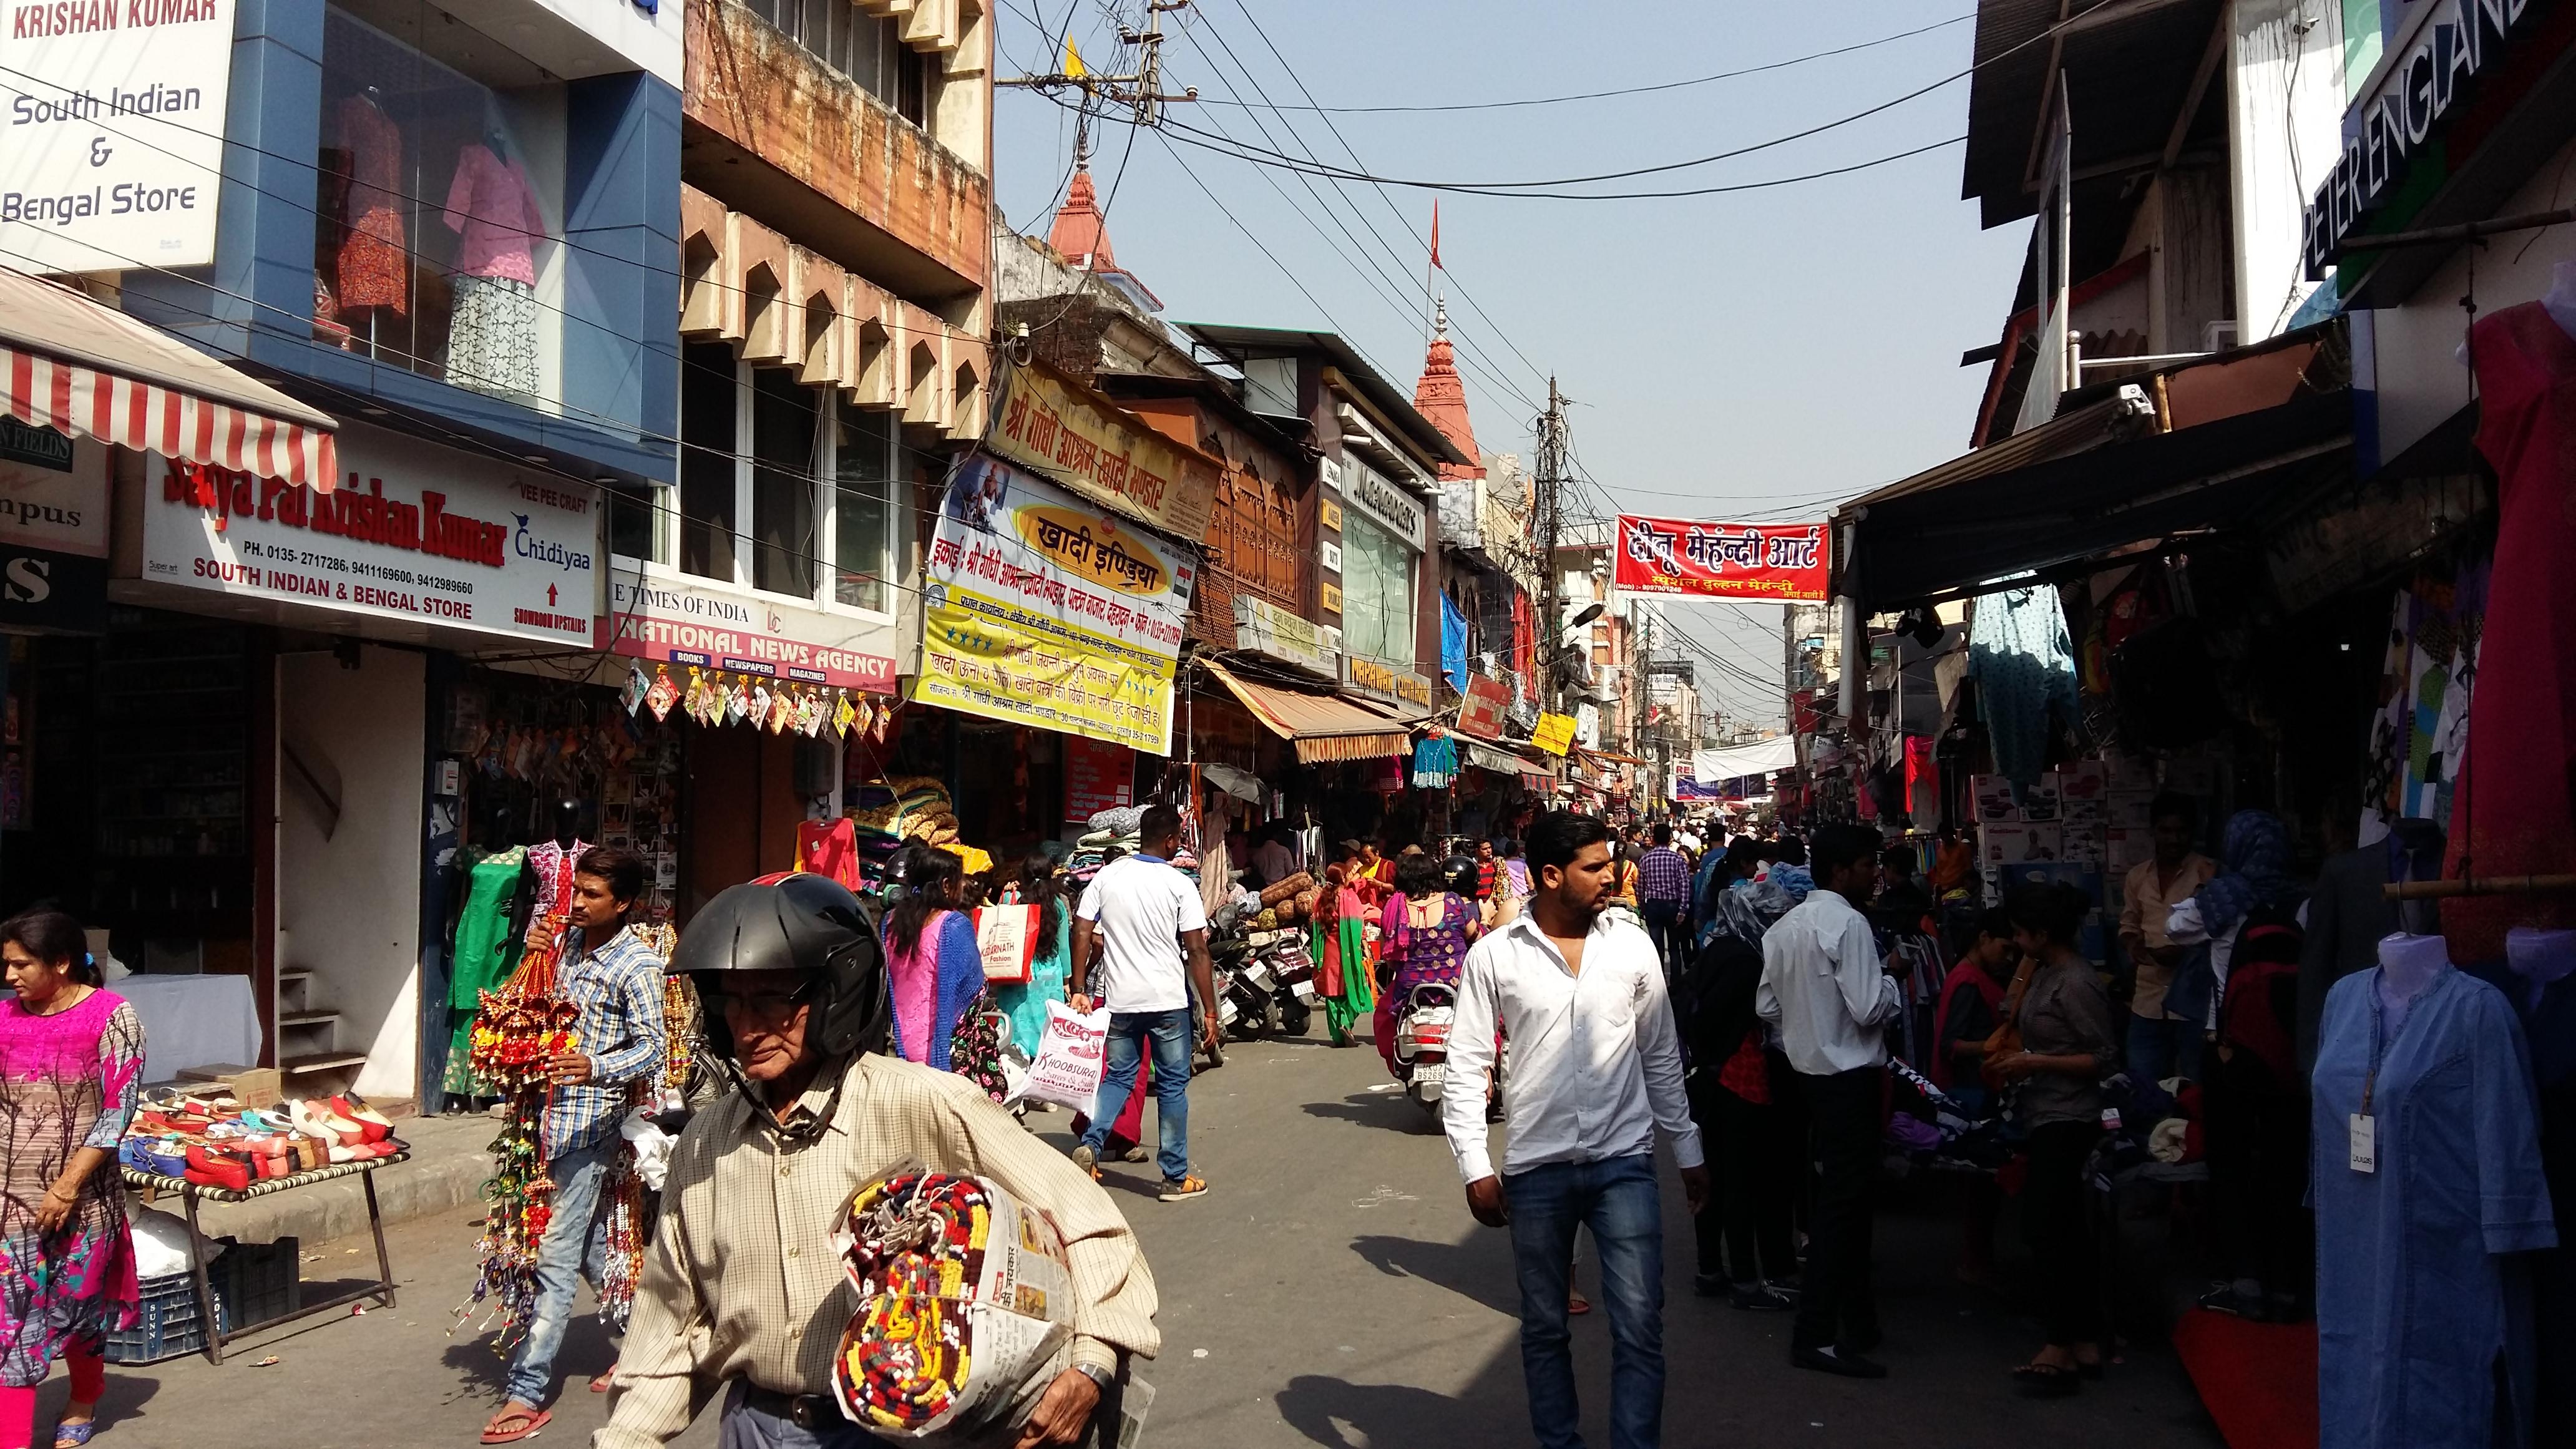 Mercado -bazar- de Dehradun. Foto: Gerardo Arbaiza.